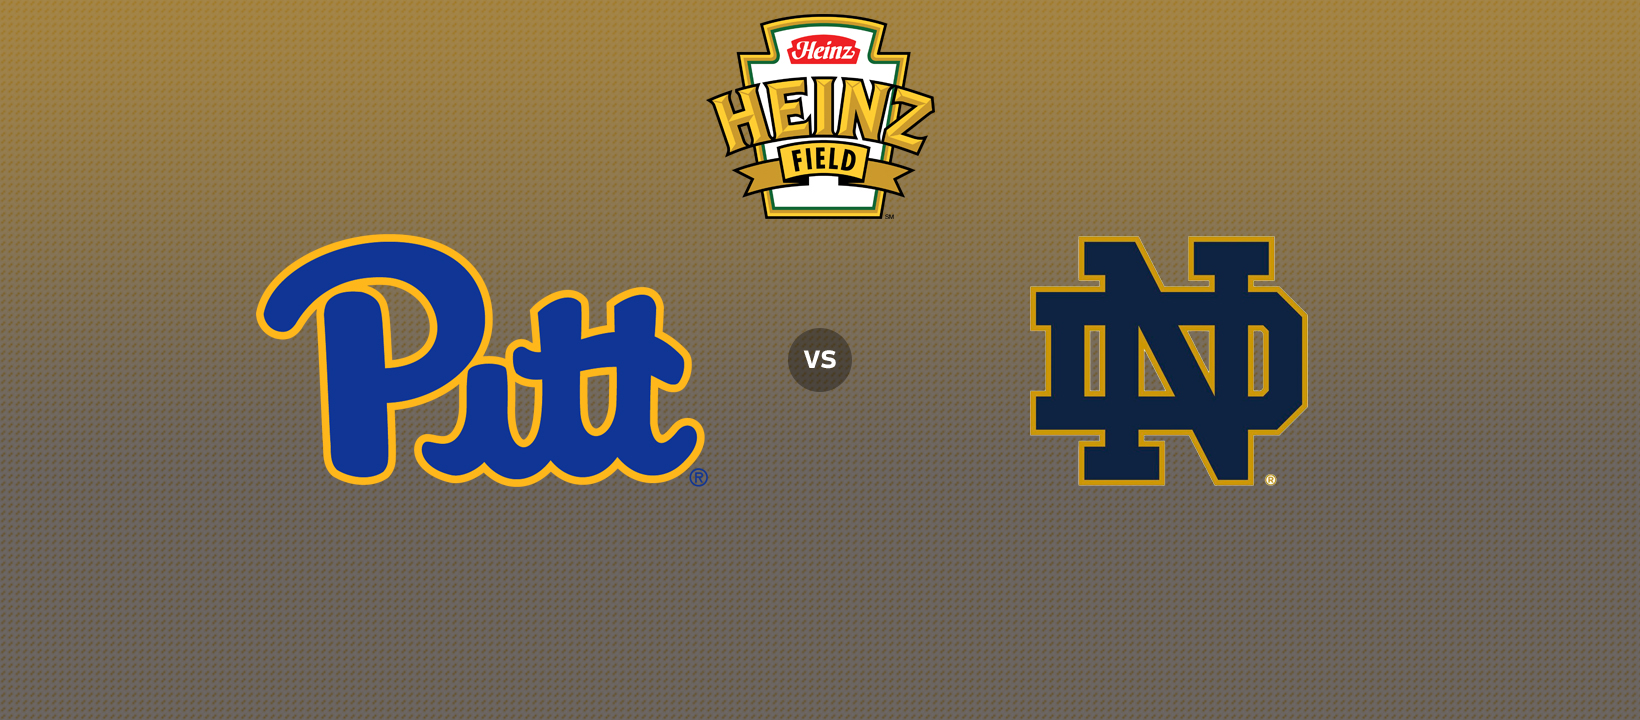 2020 Pitt vs. Notre Dame